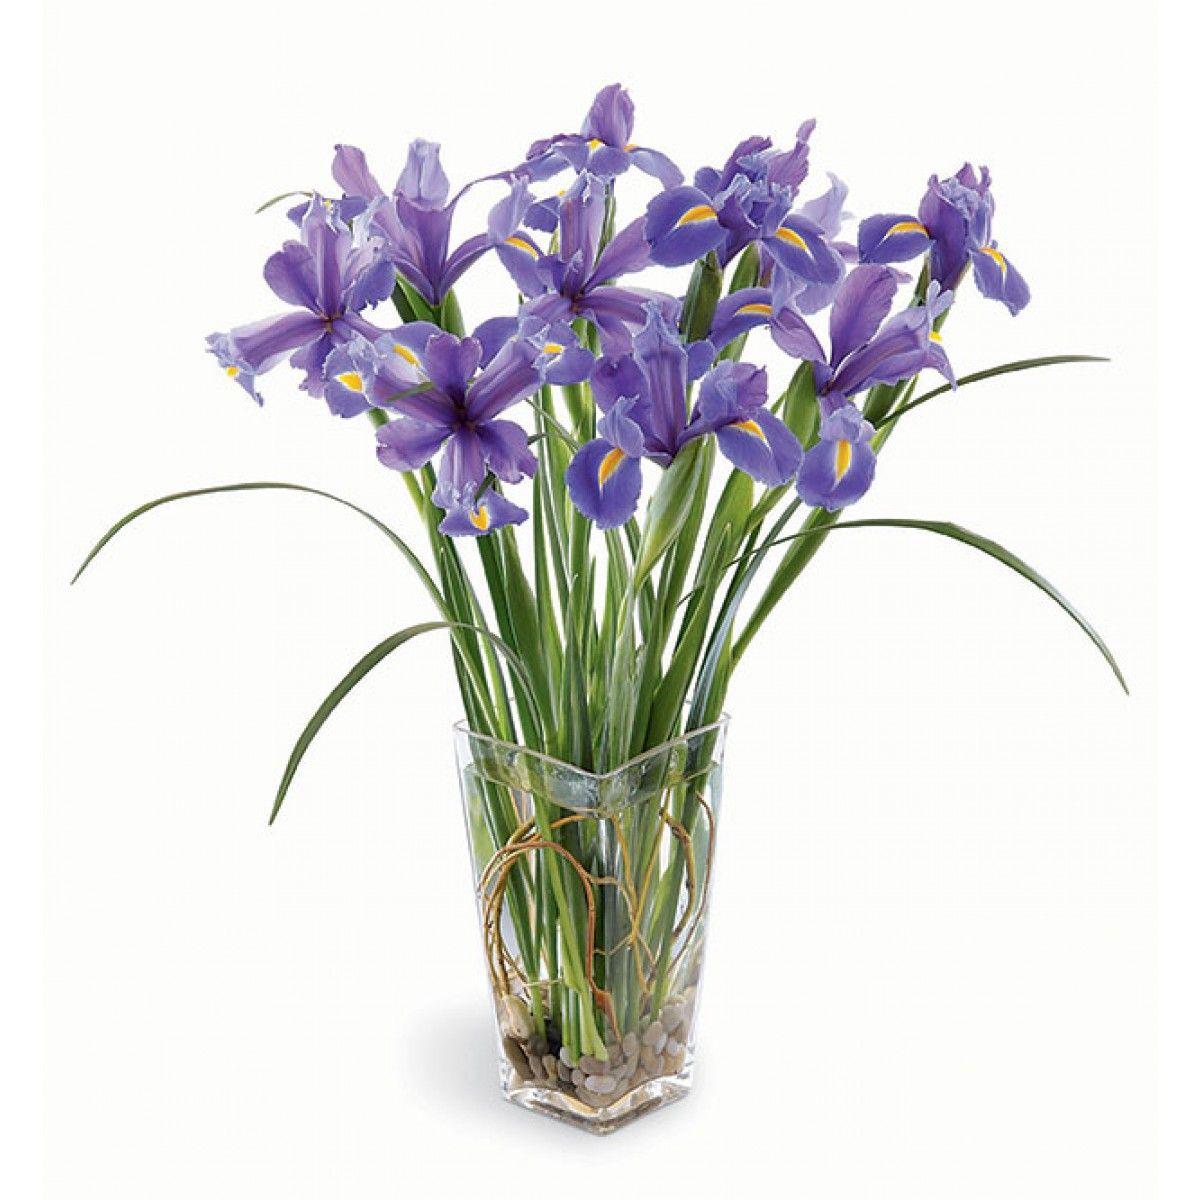 Las flores son un básico del día de las madres, opta por algo diferente y regálale unas preciosas Iris. Le van a encantar :) #TheTaiSpa #Regalos #Mamá